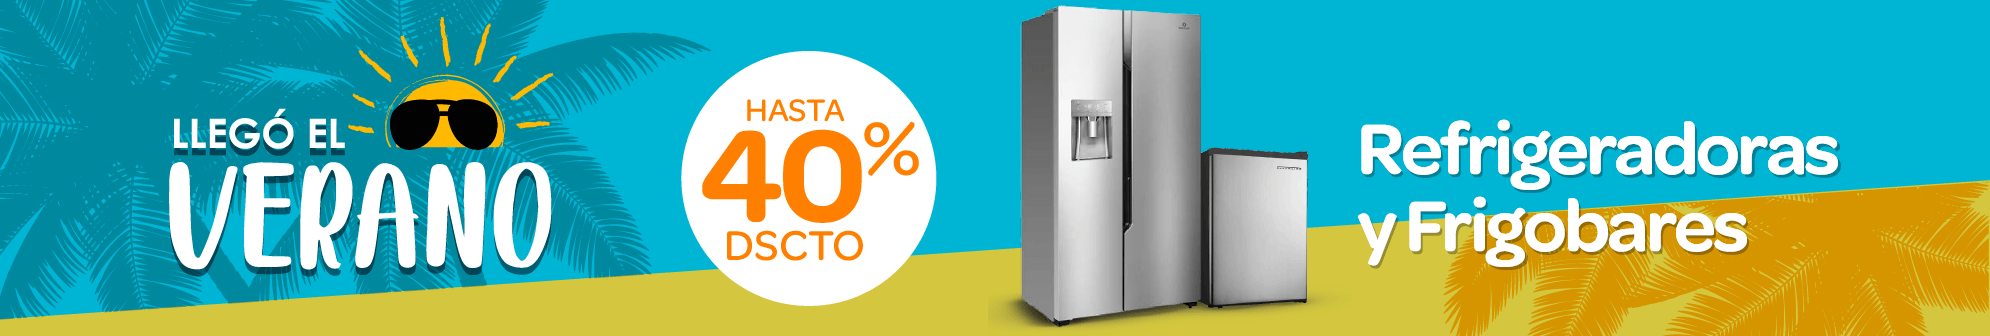 Banner  Refrigeradoras y Frigobares